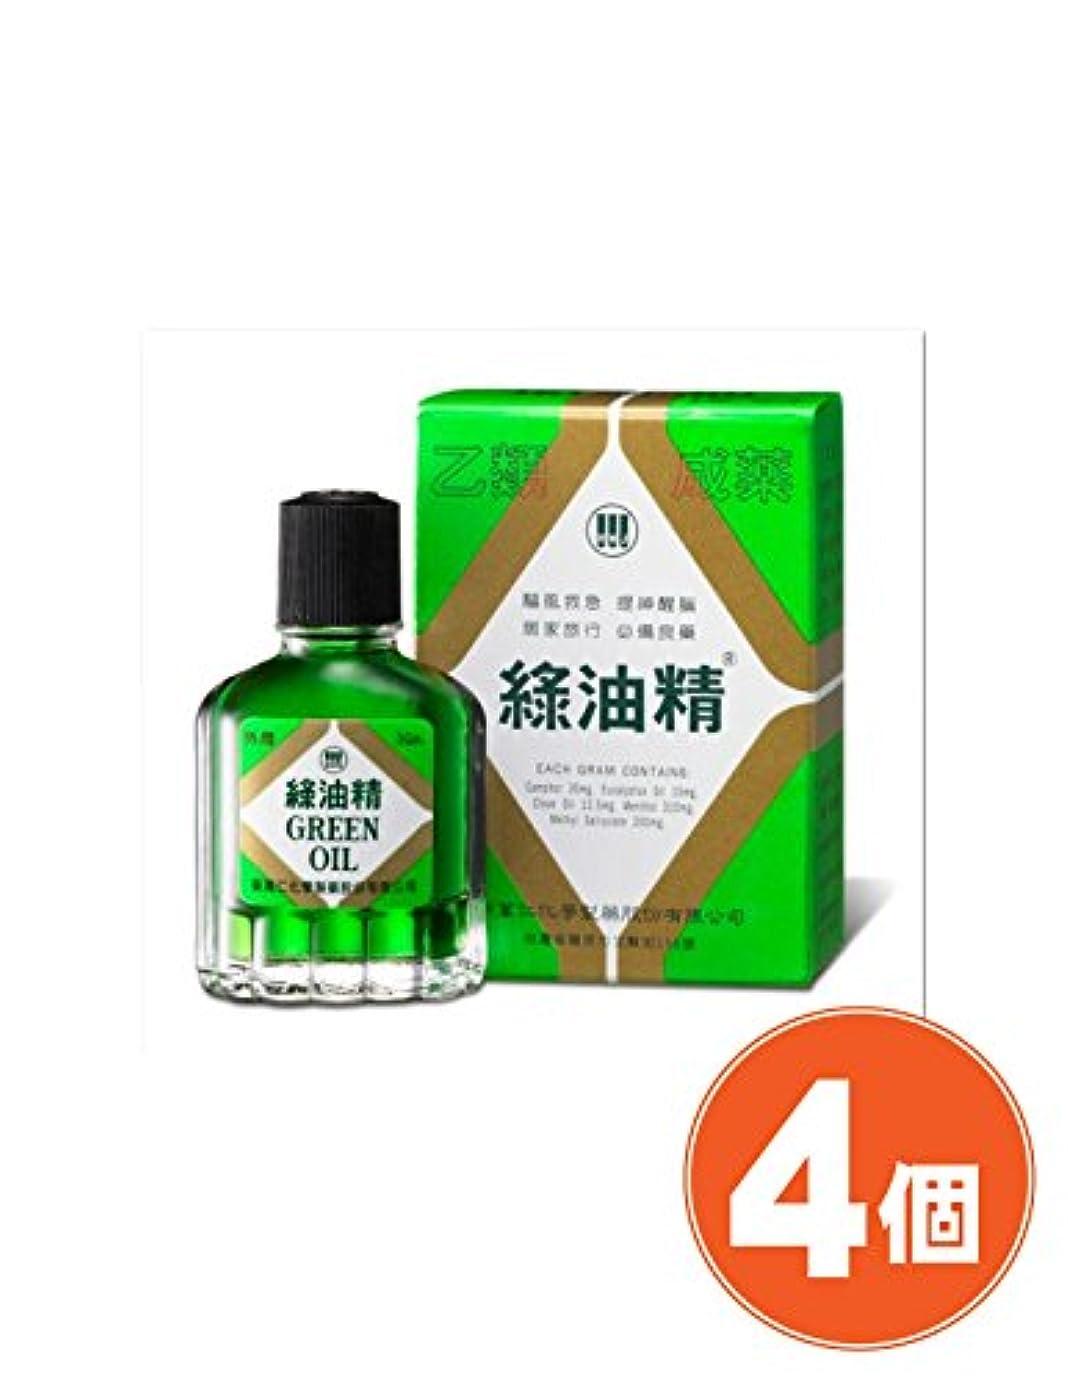 実用的負担気まぐれな《新萬仁》台湾の万能グリーンオイル 緑油精 3g ×4個 《台湾 お土産》 [並行輸入品]